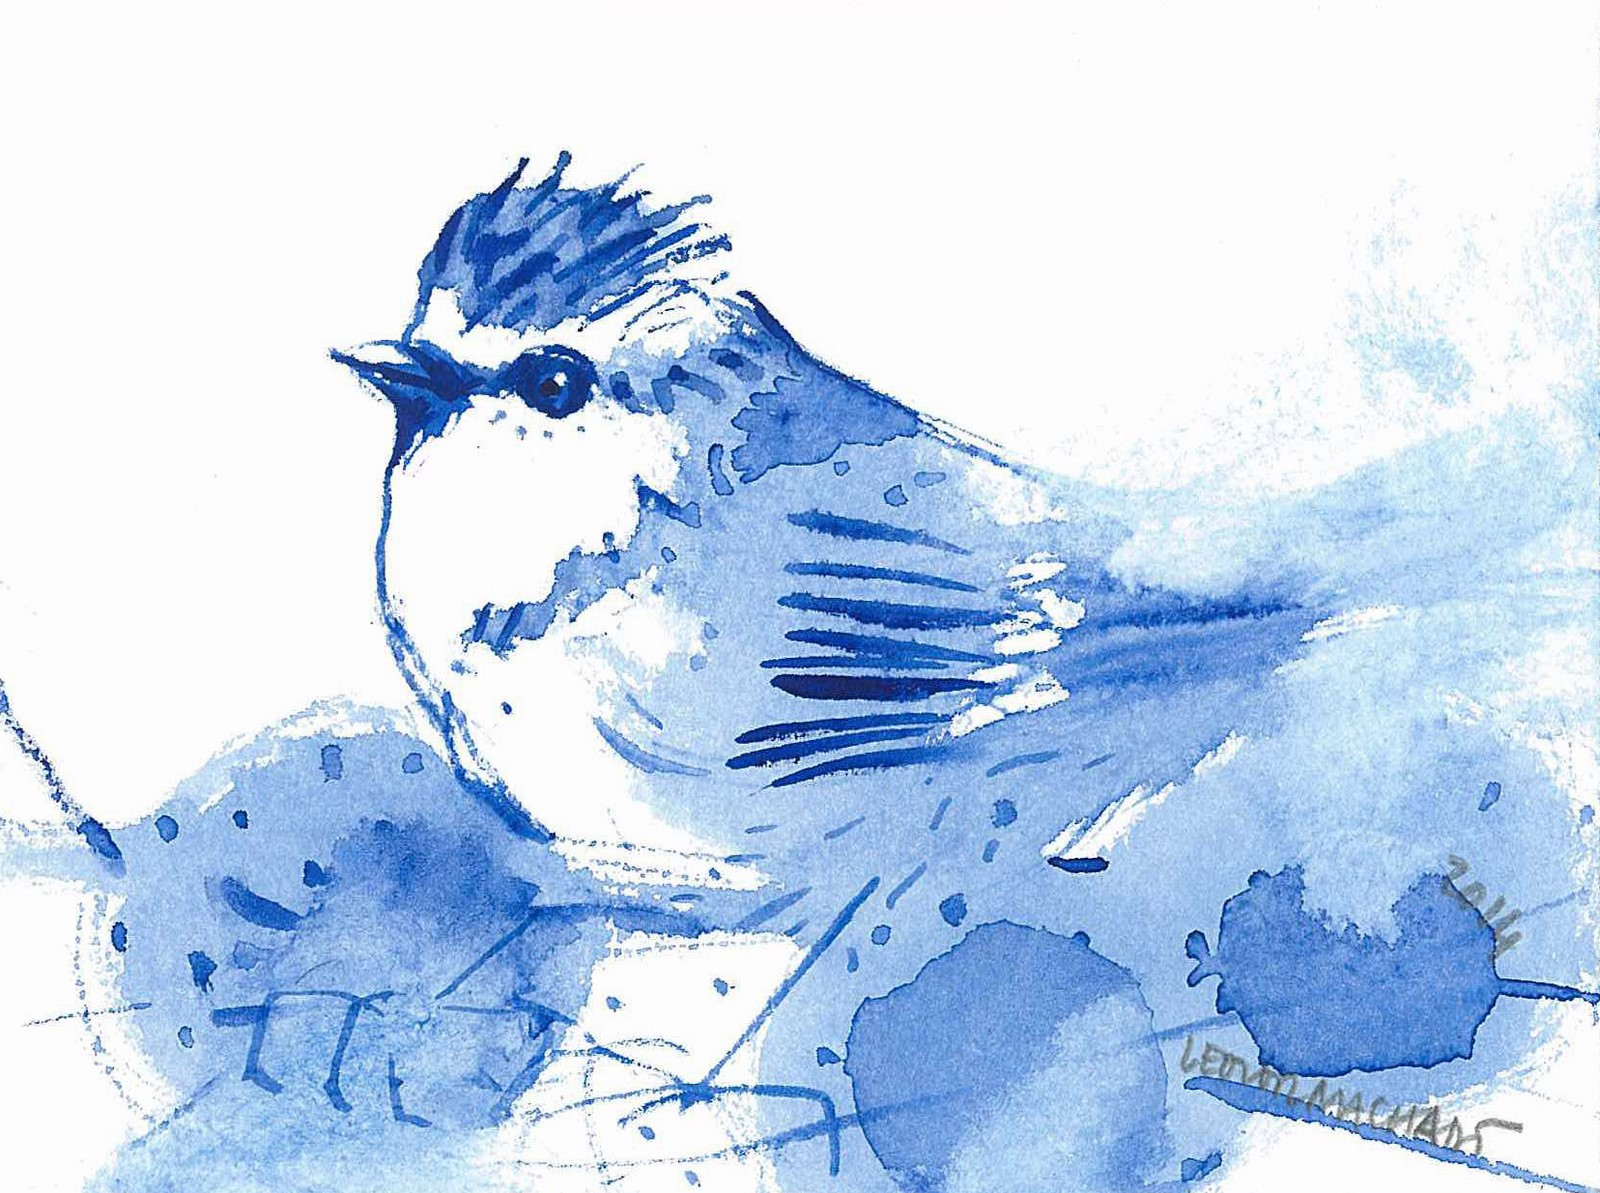 vocÊ viu o passarinho azul jussara neves rezende